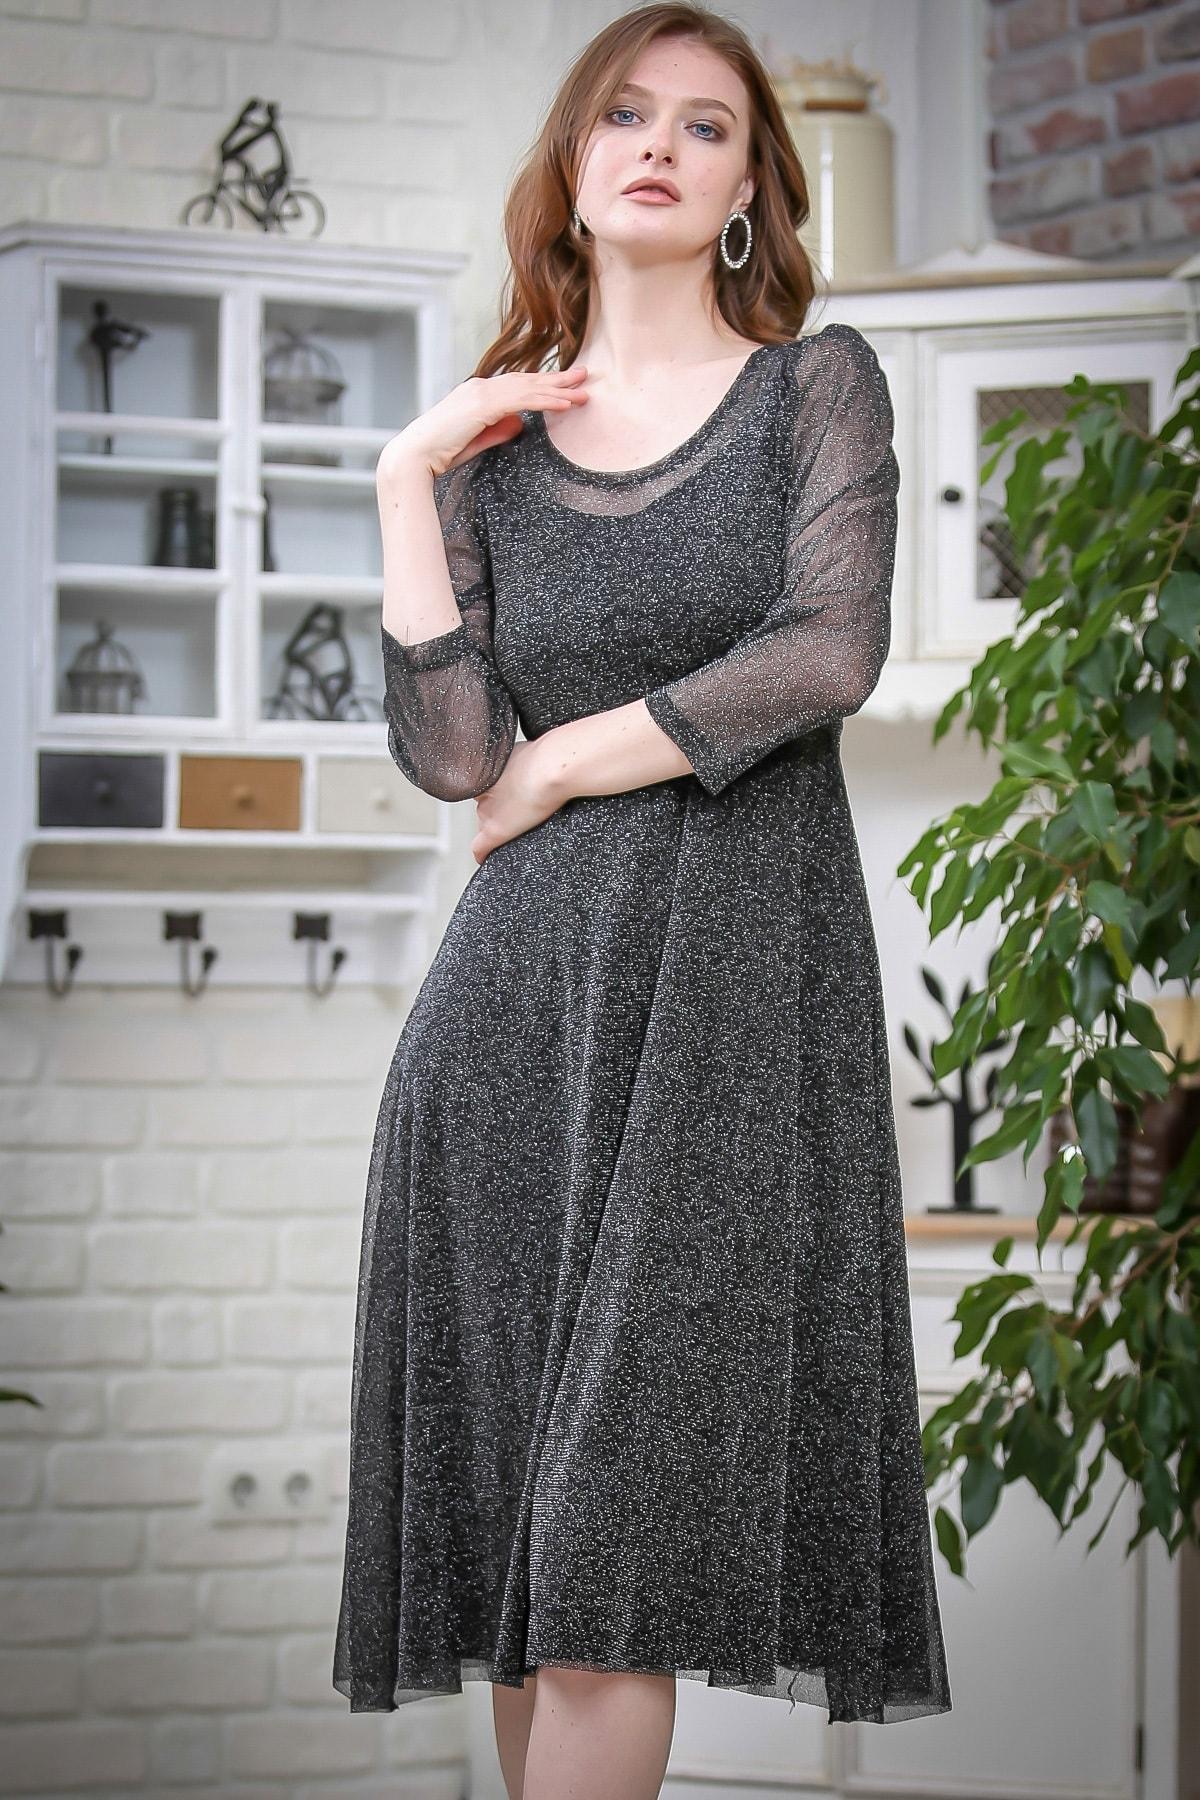 Chiccy Kadın Füme Vintage Gümüş Simli Astarlı Elbise M10160000EL97358